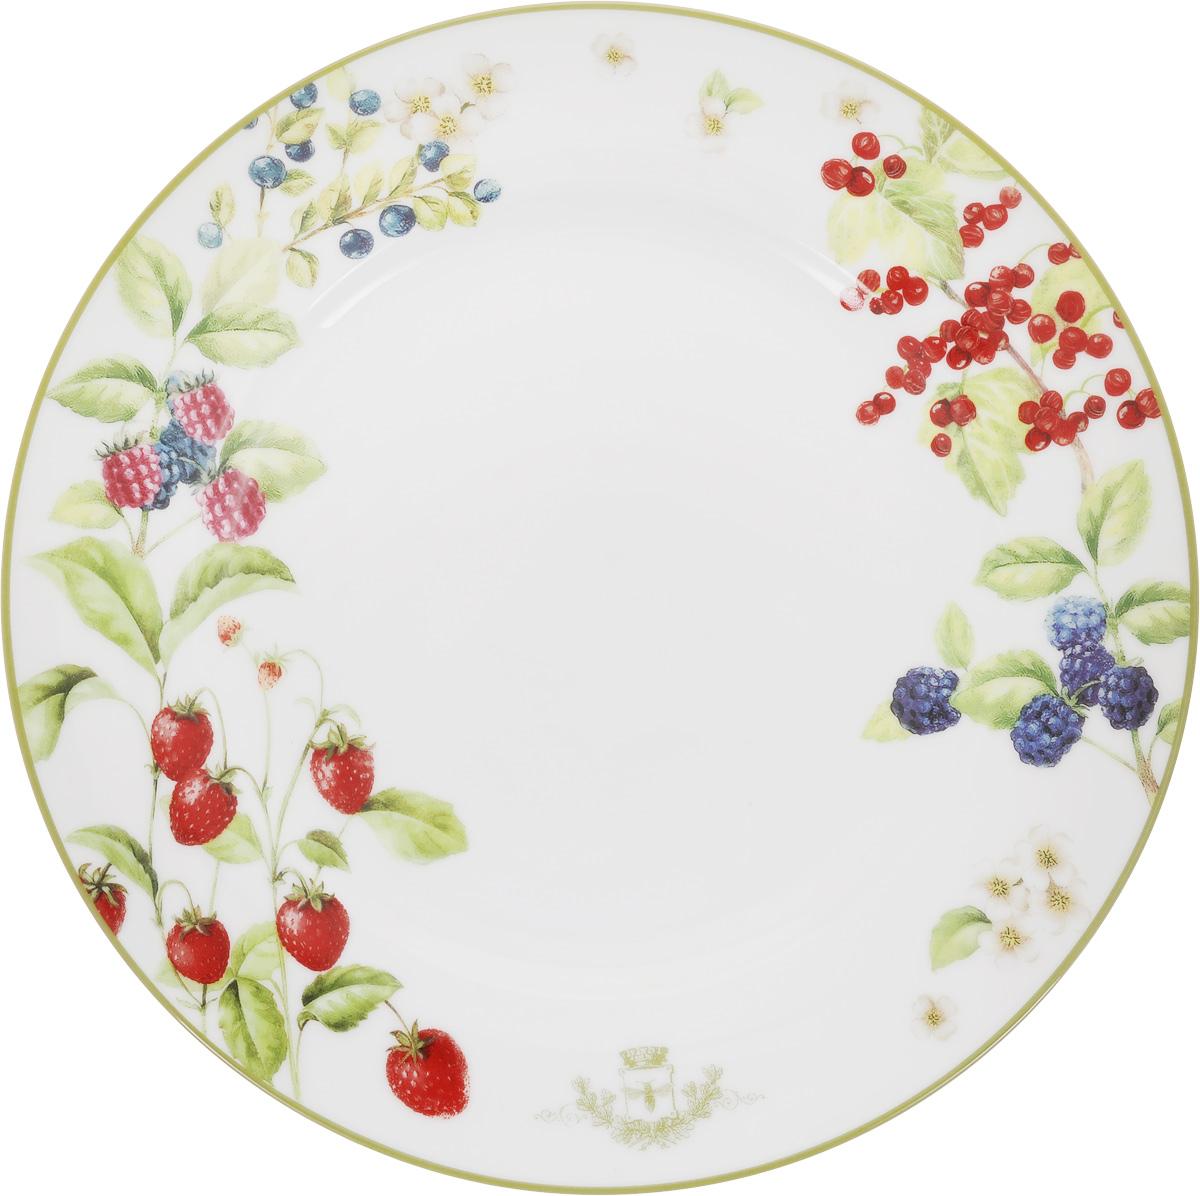 Тарелка обеденная Nuova R2S Лесные ягоды, диаметр 26,5 см942BERRОбеденная тарелка Nuova R2S Лесные ягоды, изготовленная из высококачественного фарфора декорирована оригинальным рисунком. Яркий дизайн придется по вкусу и ценителям классики, и тем, кто предпочитает утонченность и изысканность. Тарелка Nuova R2S Лесные ягоды идеально подойдет для сервировки стола и станет отличным подарком к любому празднику. Можно мыть в посудомоечной машине и использовать в микроволновой печи. Диаметр тарелки: 26,5 см.